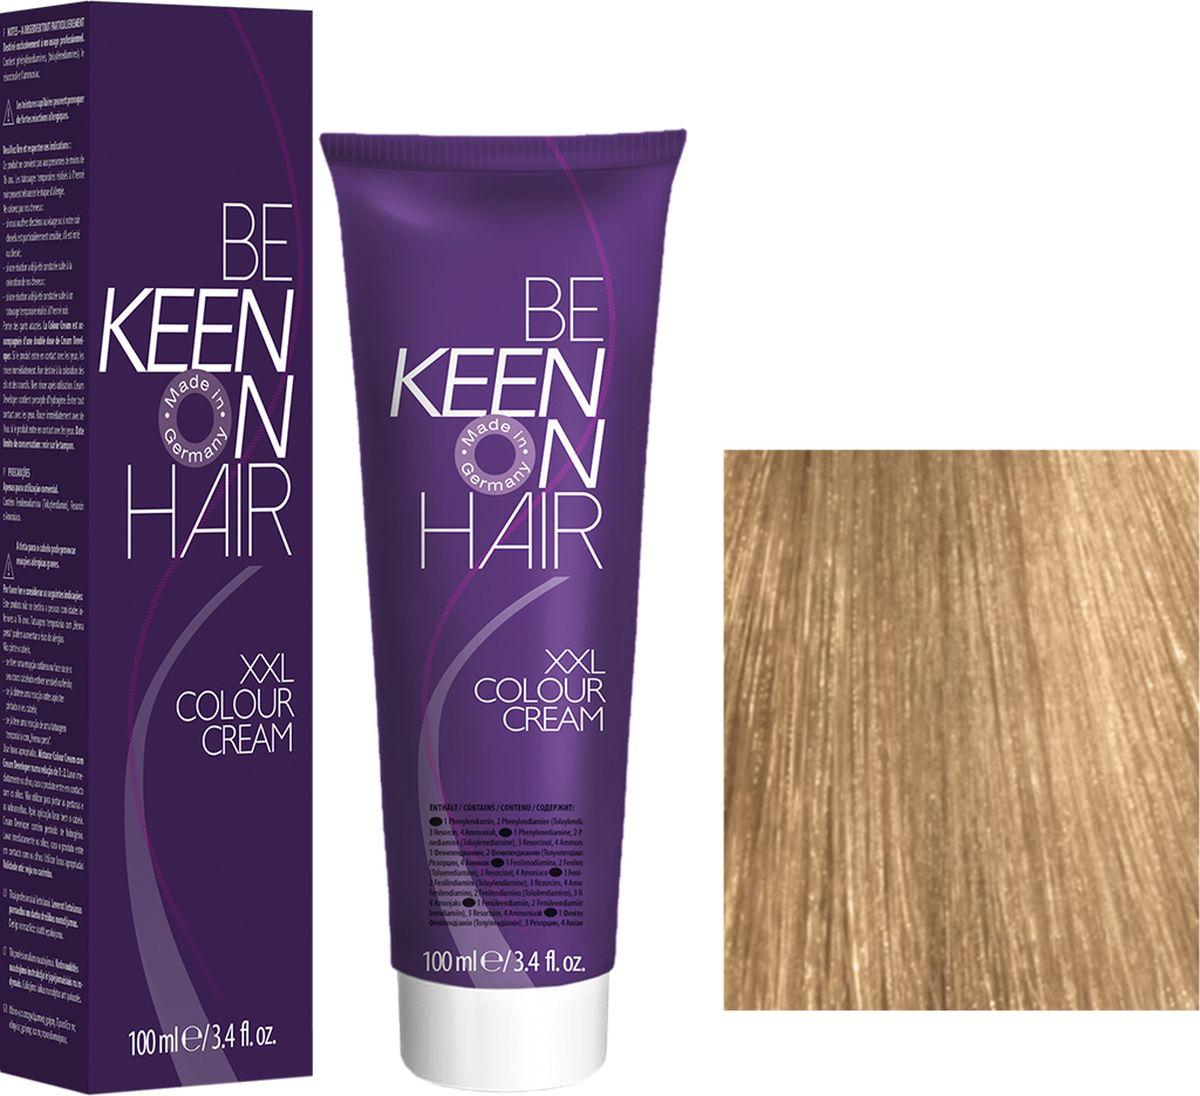 Keen Краска для волос 9.00+ Интенсивный светлый блондин Hellblond +, 100 мл69100086Модные оттенкиБолее 100 оттенков для креативной комбинации цветов.ЭкономичностьПри использовании тюбика 100 мл вы получаете оптимальное соотношение цены и качества!УходМолочный белок поддерживает структуру волоса во время окрашивания и придает волосам блеск и шелковистость. Протеины хорошо встраиваются в волосы и снабжают их влагой.